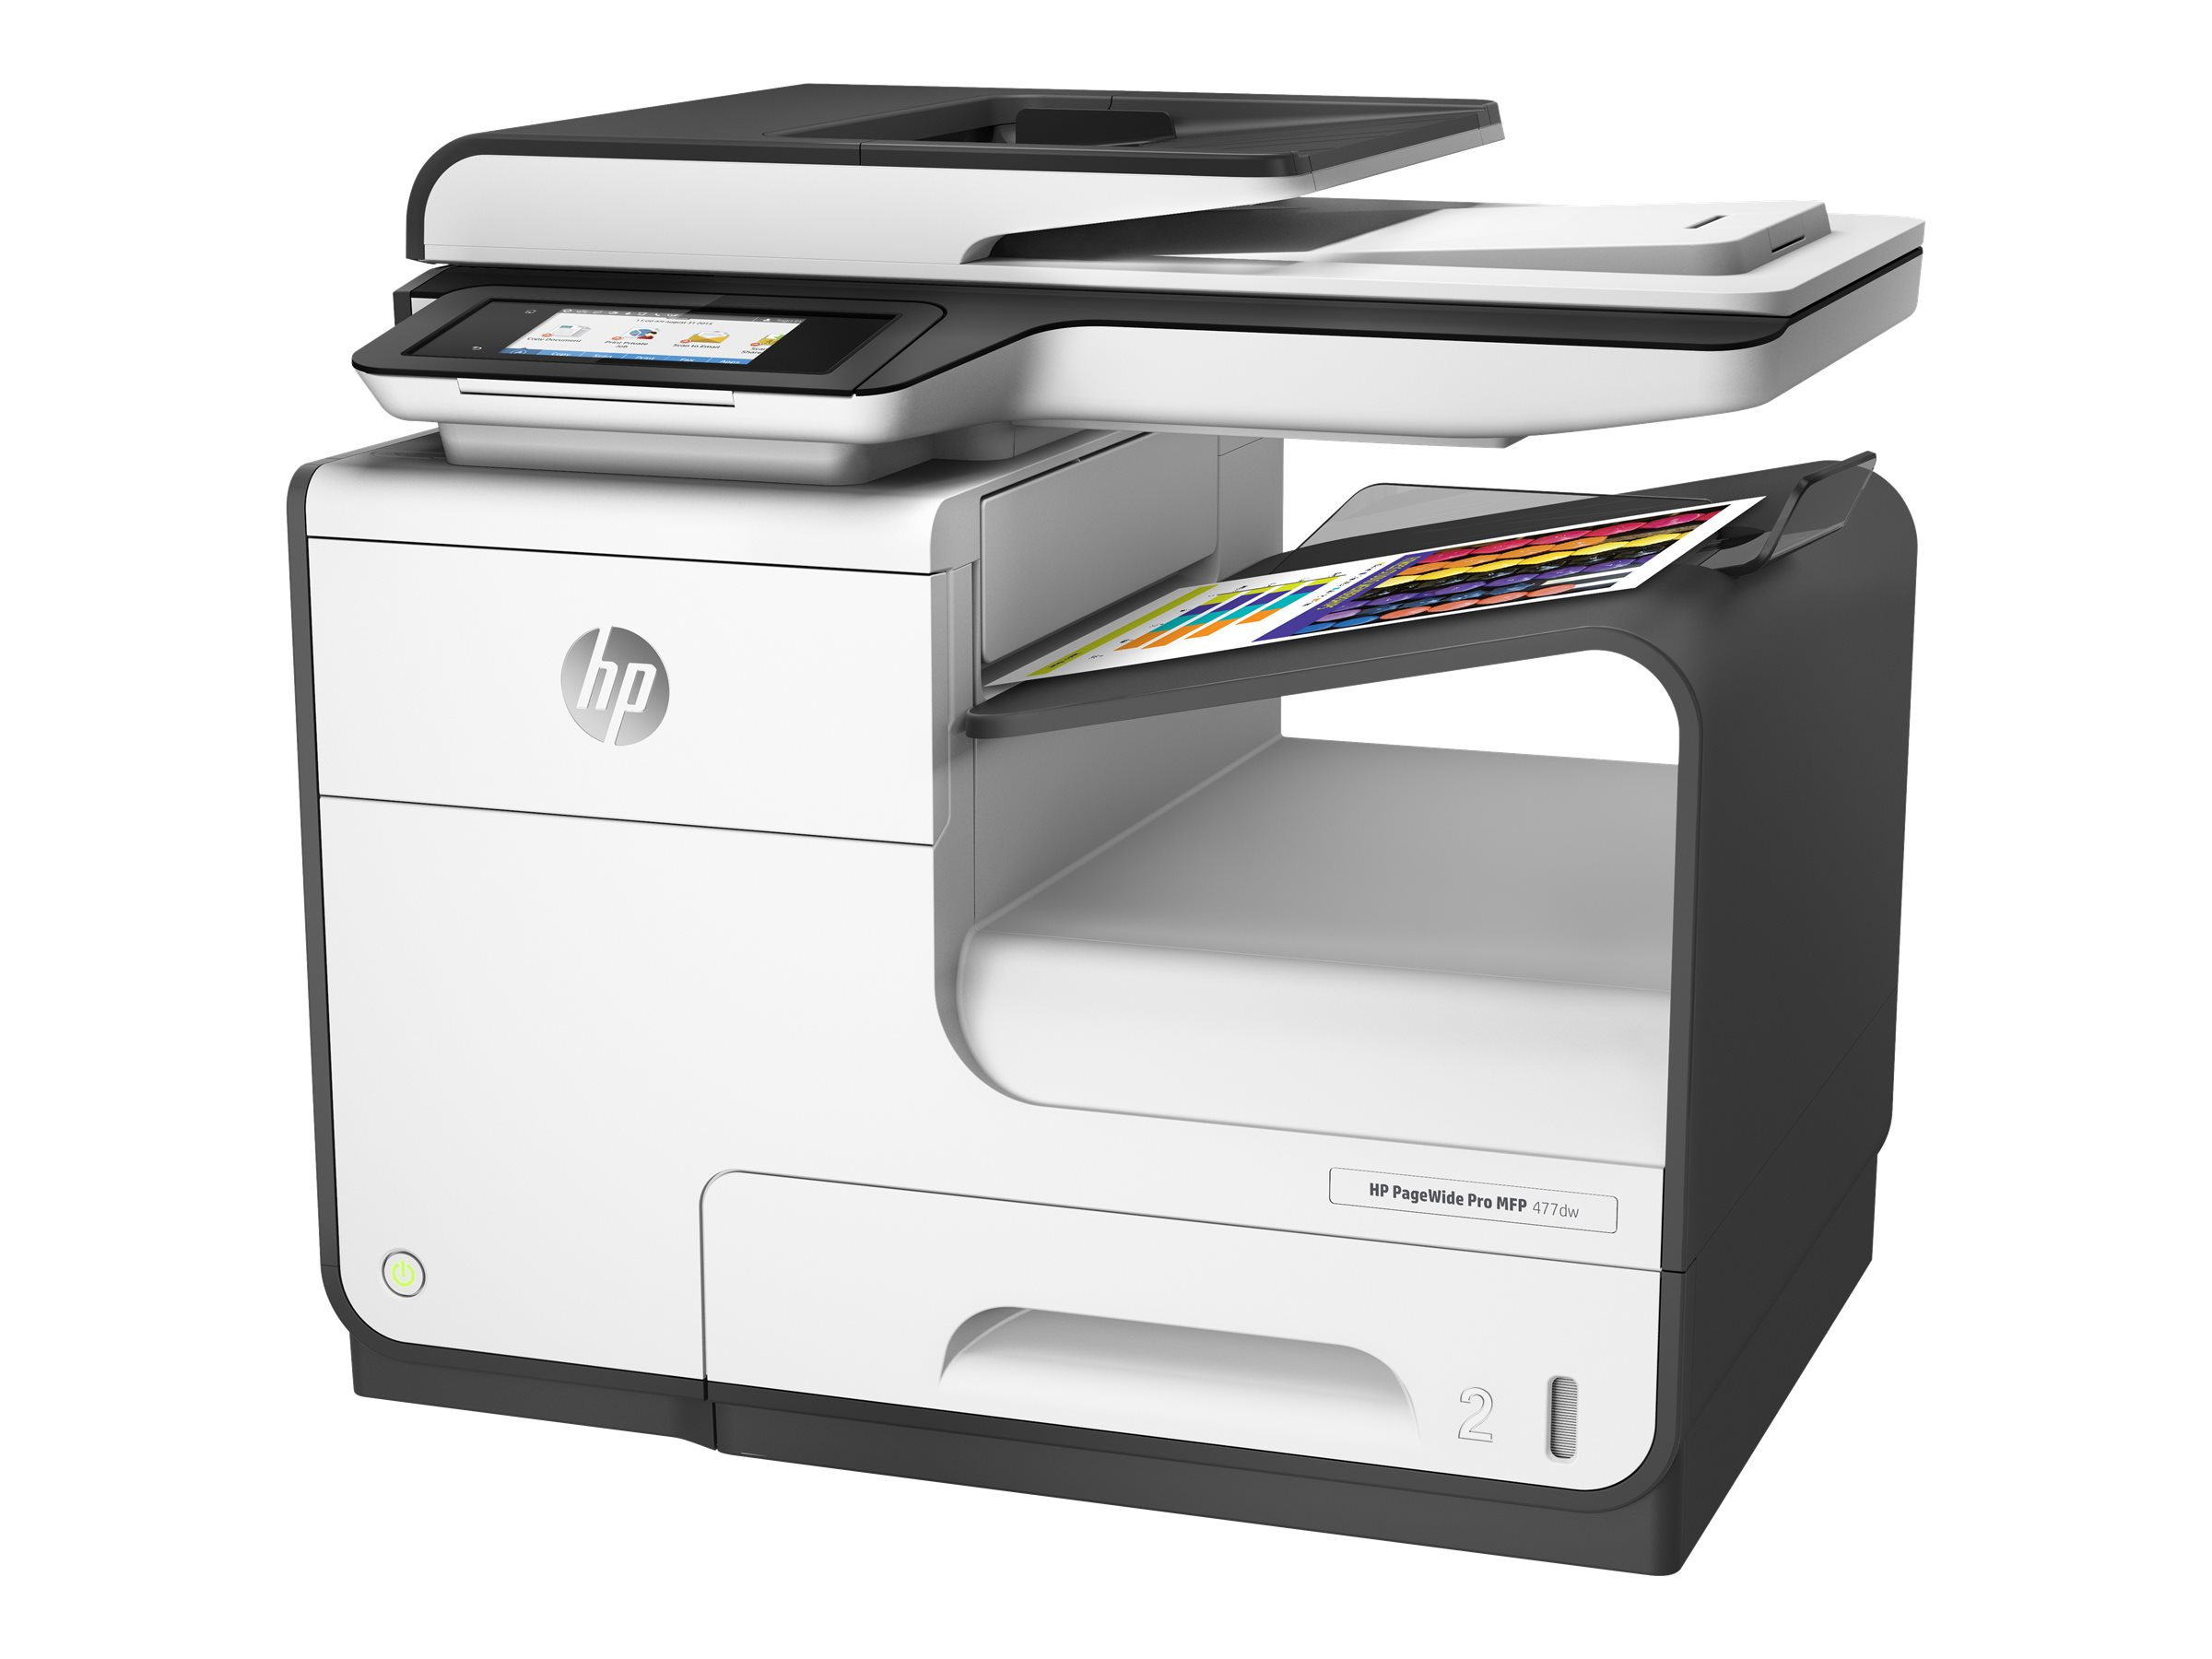 HP PageWide Pro 477dw - Multifunktionsdrucker - Farbe - seitenbreite Palette - Legal (216 x 356 mm) (Original) - A4/Legal (Medie